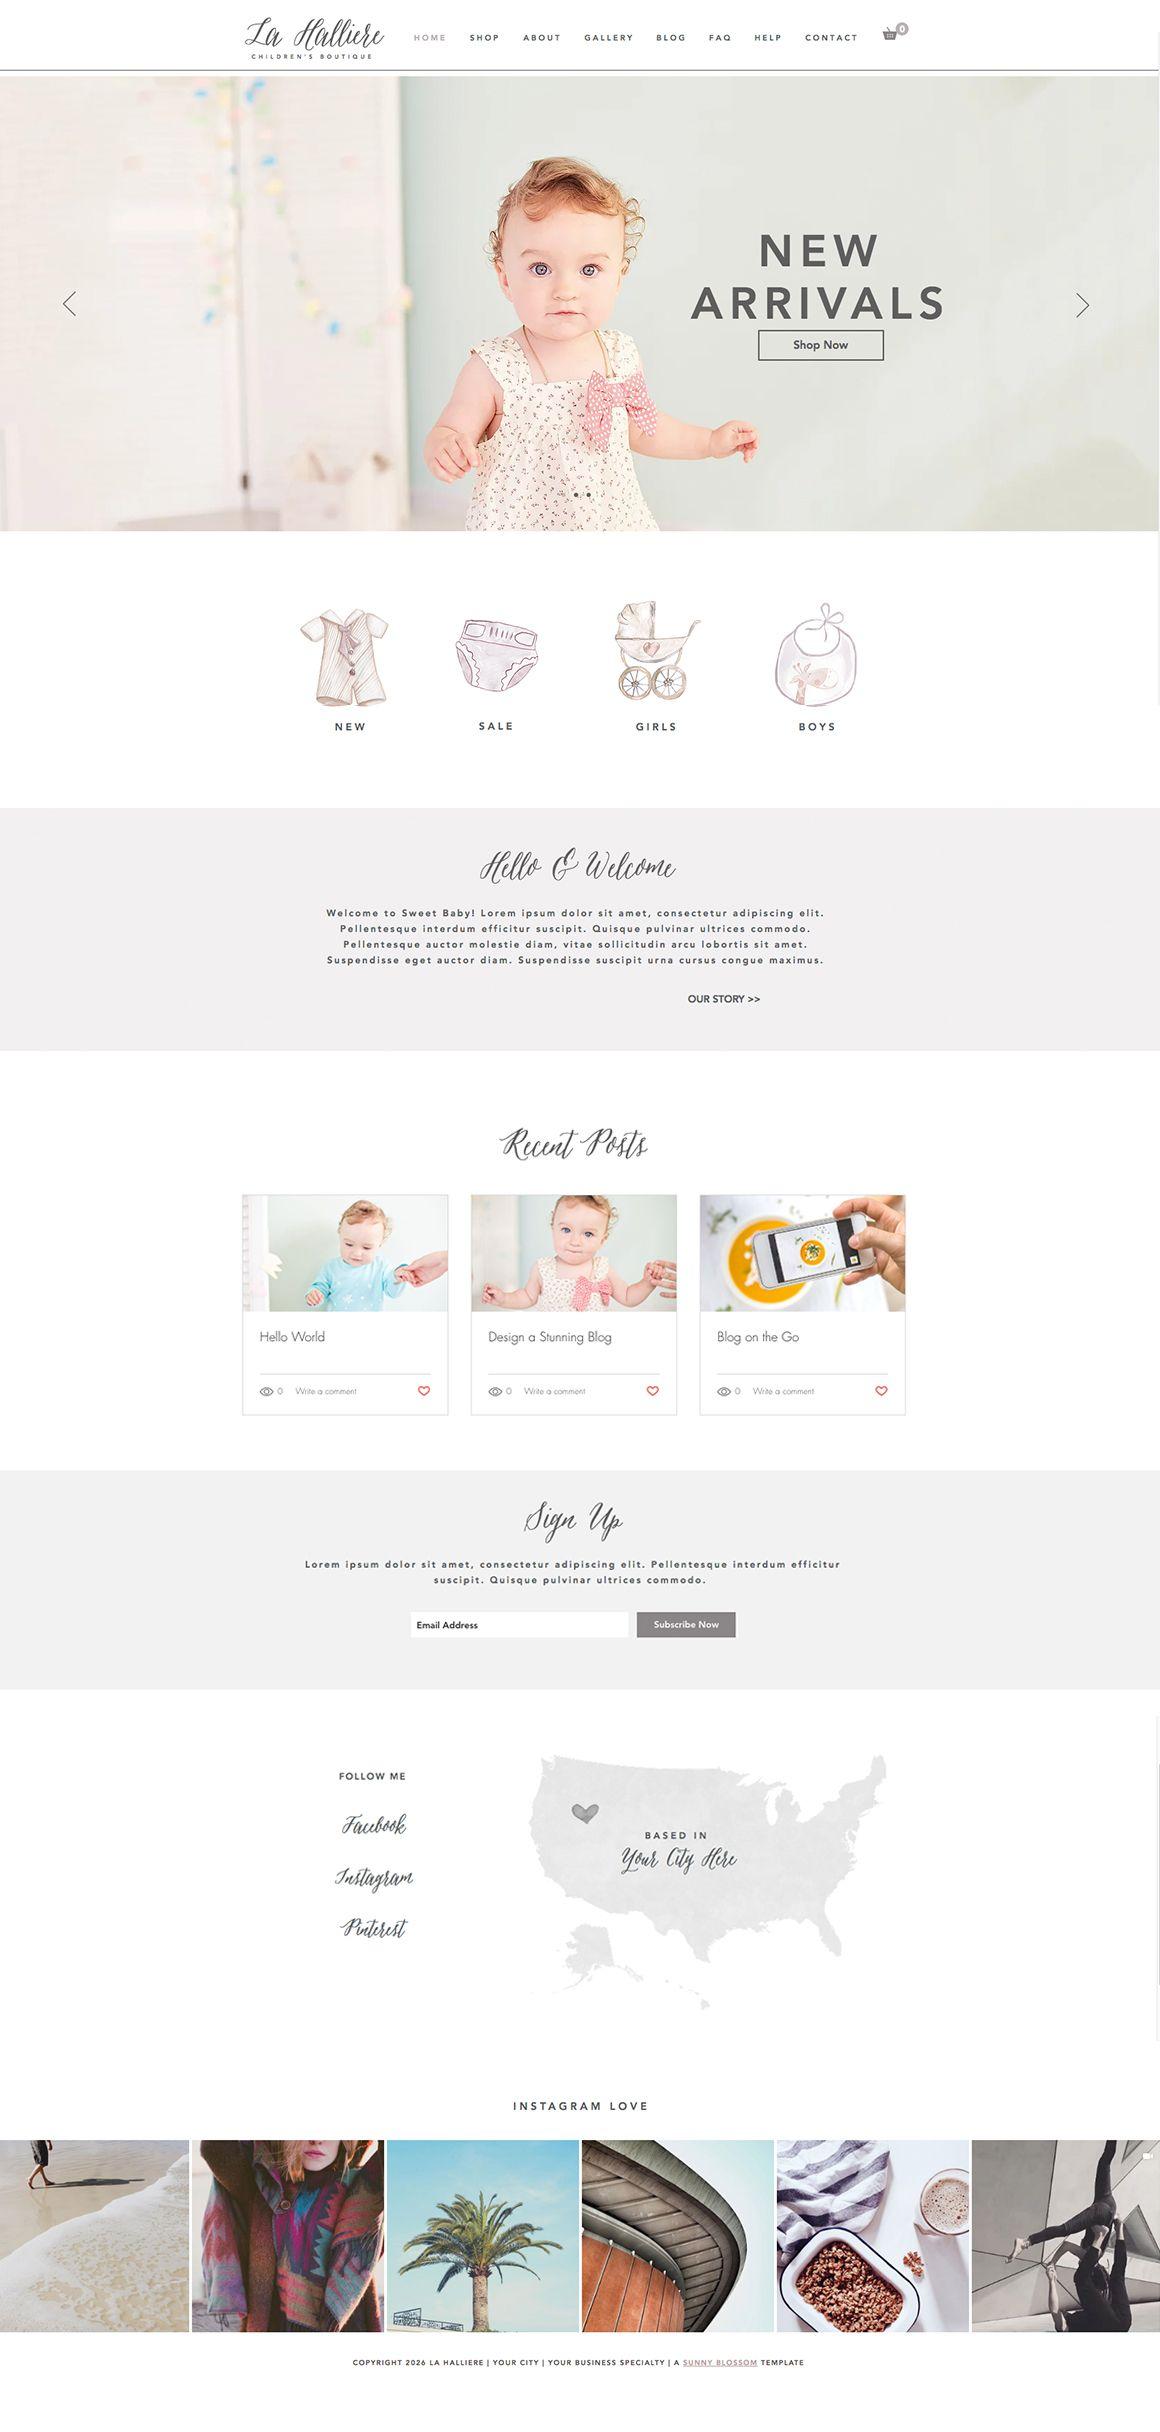 Wix Website design, boutique website design, commerce website ...